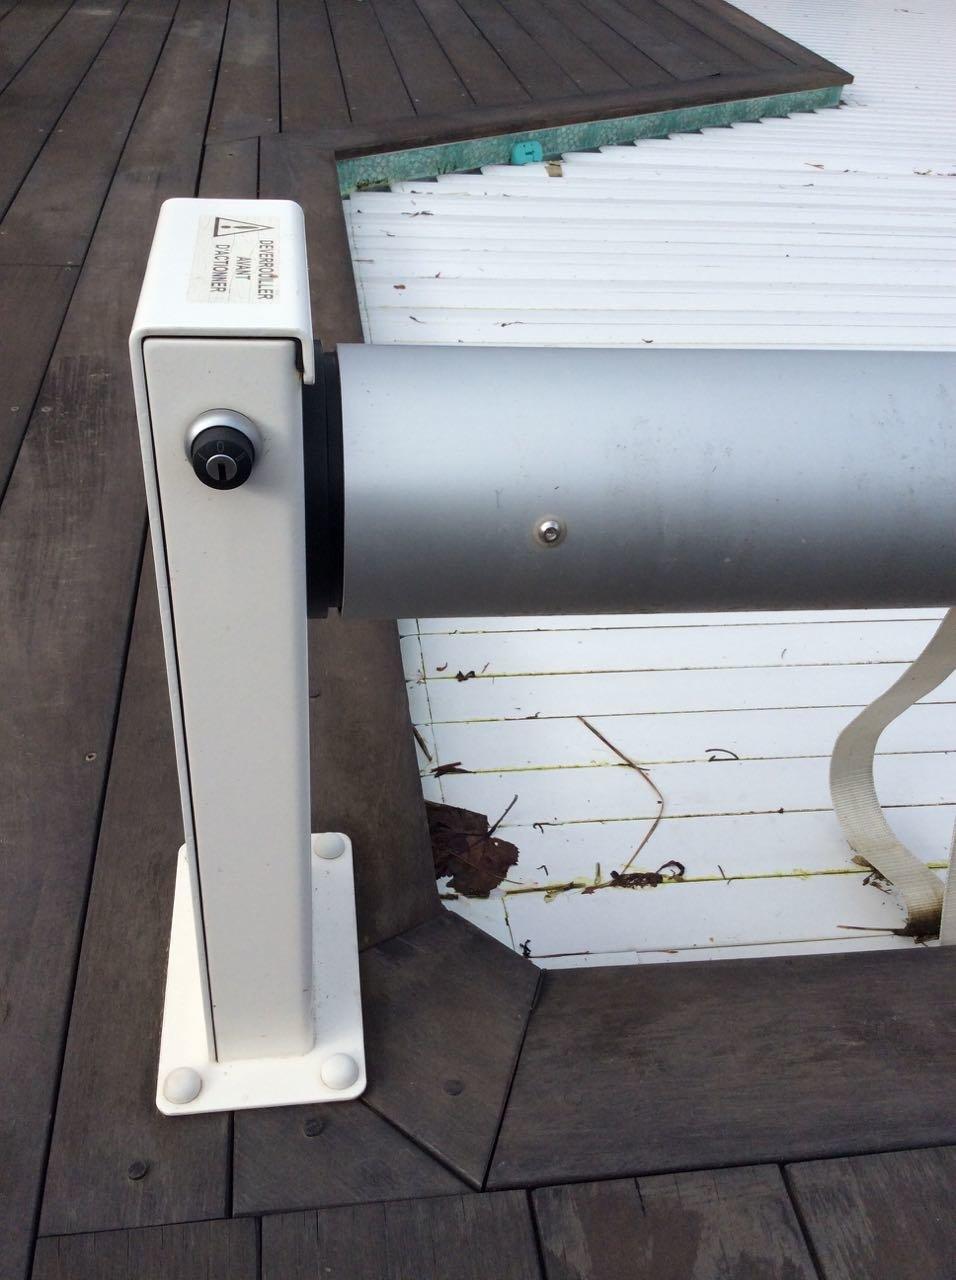 tutoriel diy ouverture fermeture automatique de volet roulant de piscine. Black Bedroom Furniture Sets. Home Design Ideas